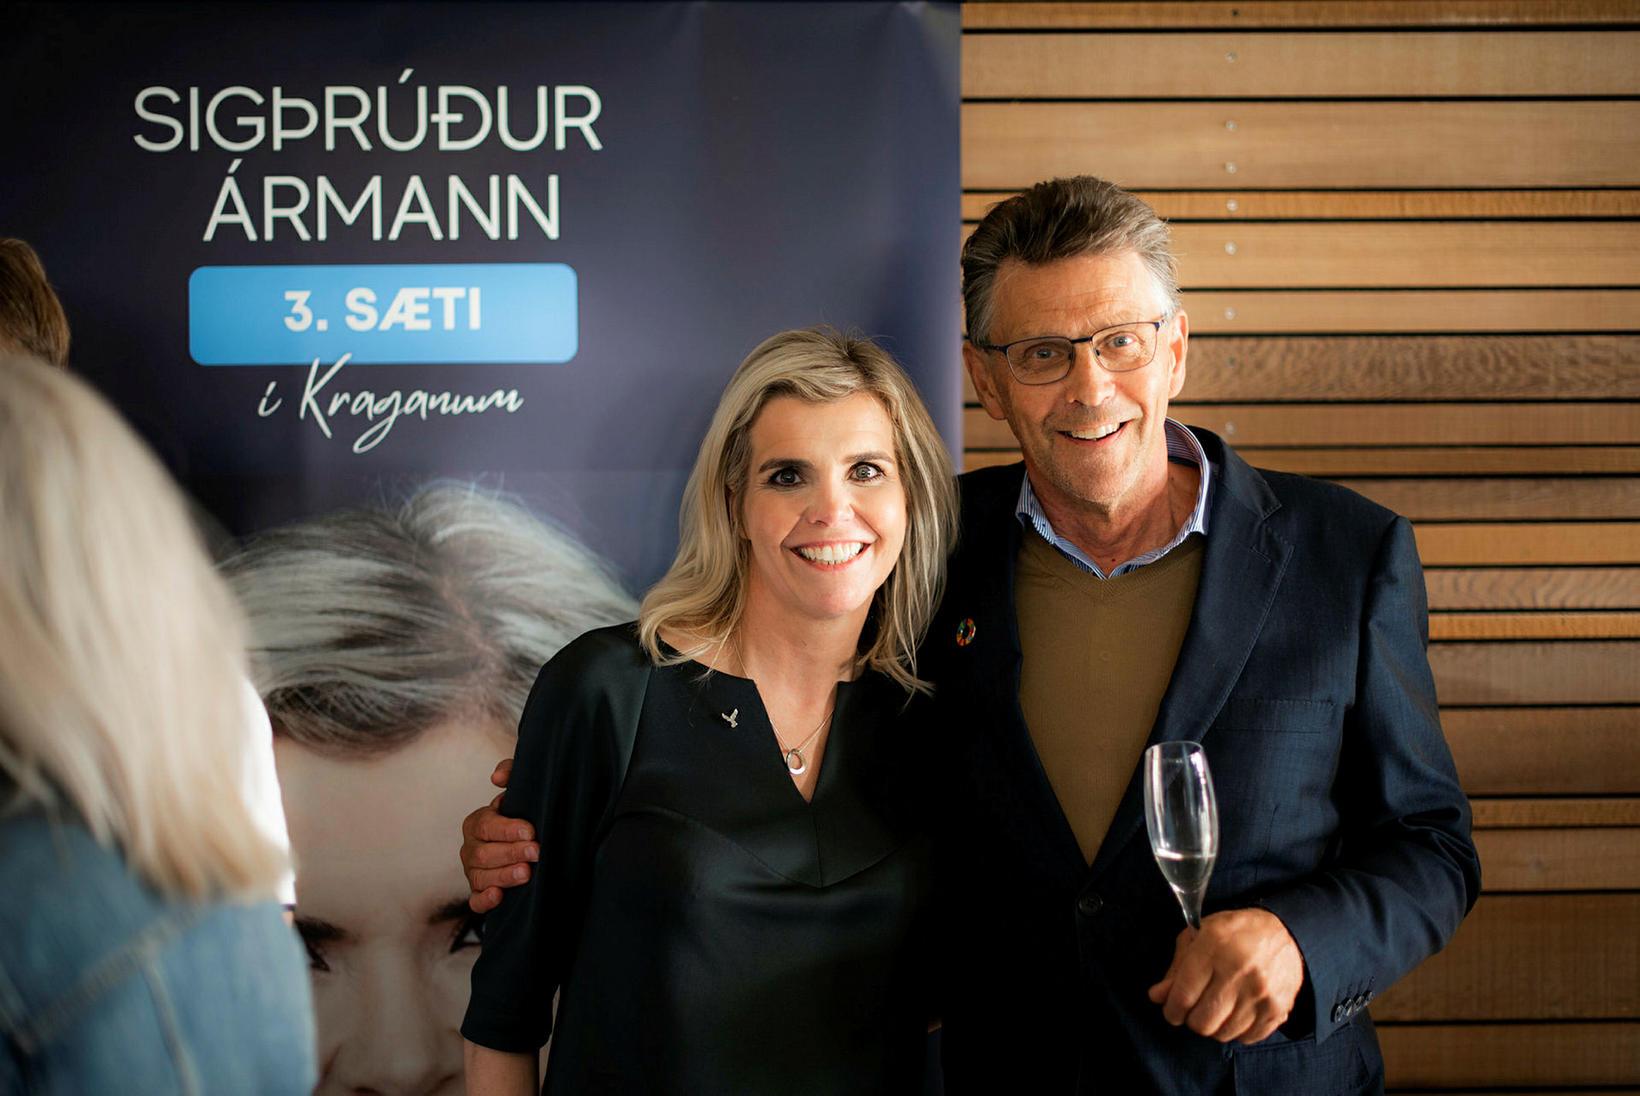 Sigþrúður Ármann og Gunnar Einarsson bæjarstjóri í Garðabæ.